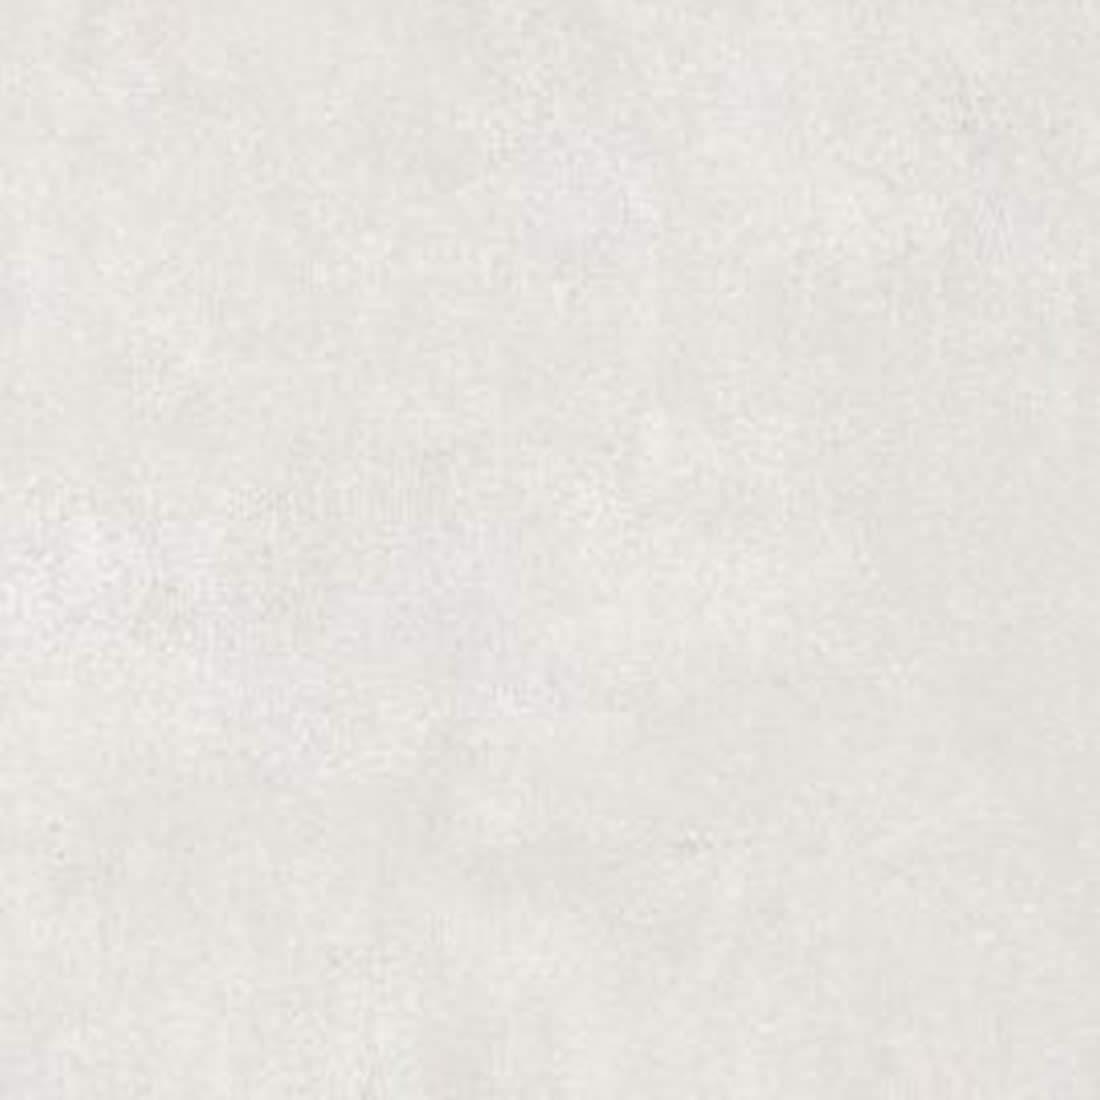 Porcelanato Embramaco 61 x 61 Cemento Bianco Lux Polido Ref: P62/4067